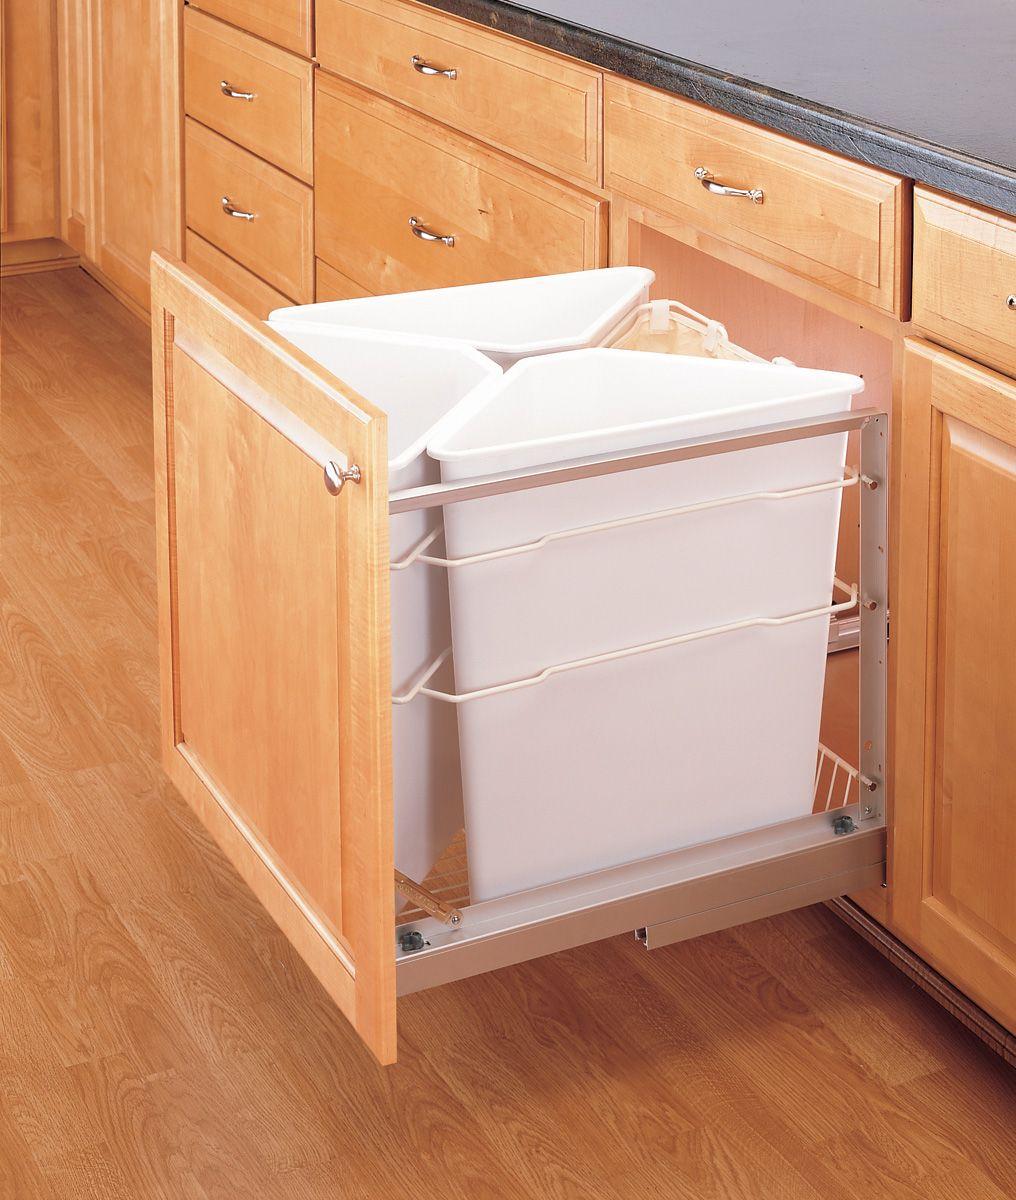 Coordinar gabinete de la cocina piso de madera de color - Gabinete Para Basura